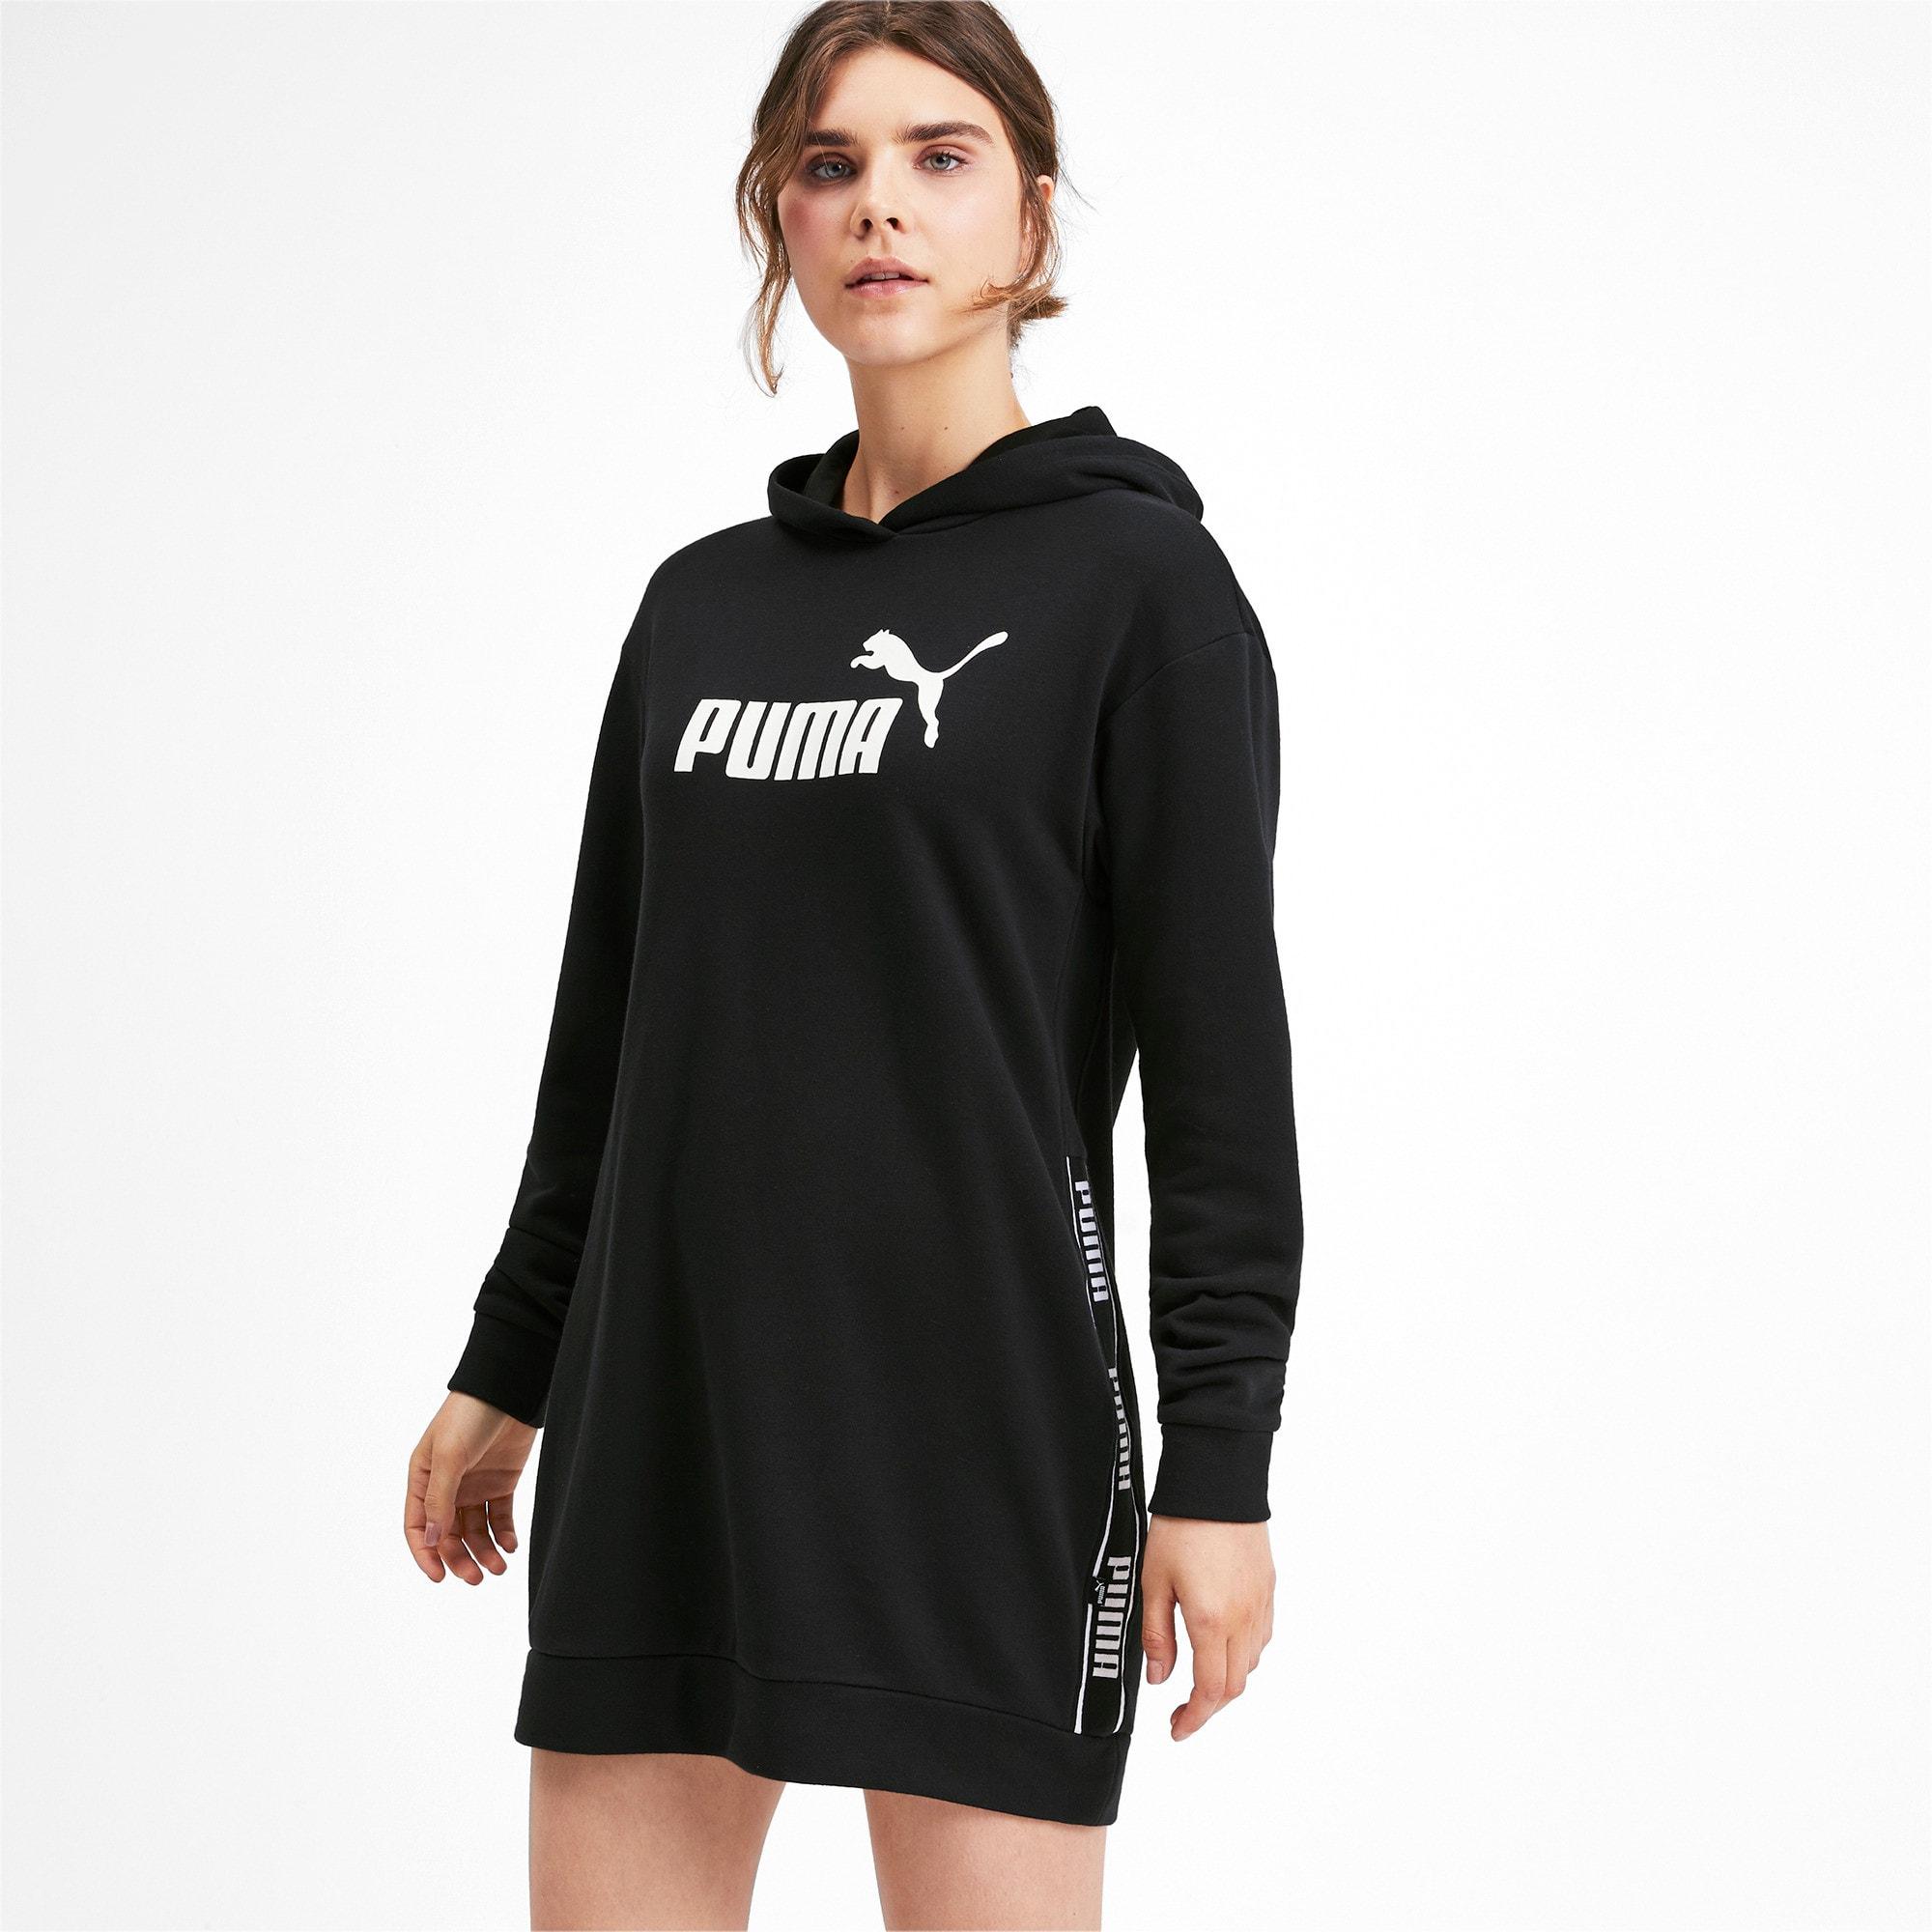 Miniatura 2 de Vestido Amplified para mujer, Puma Black, mediano